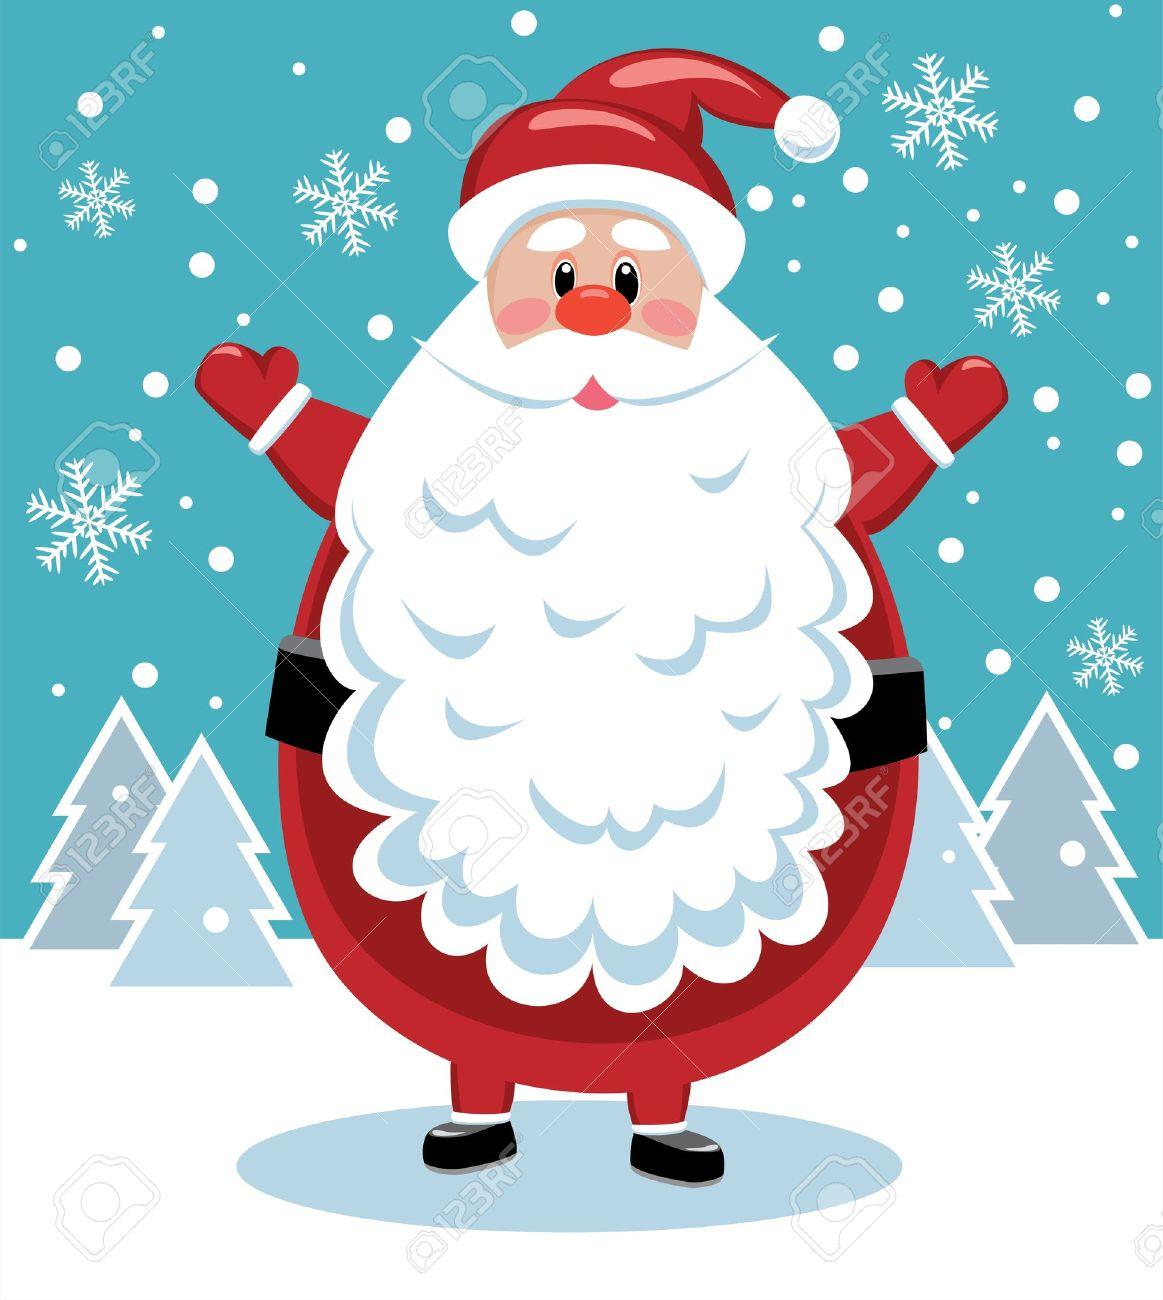 ベクトル大きなひげとサンタのクリスマス イラスト ロイヤリティフリー